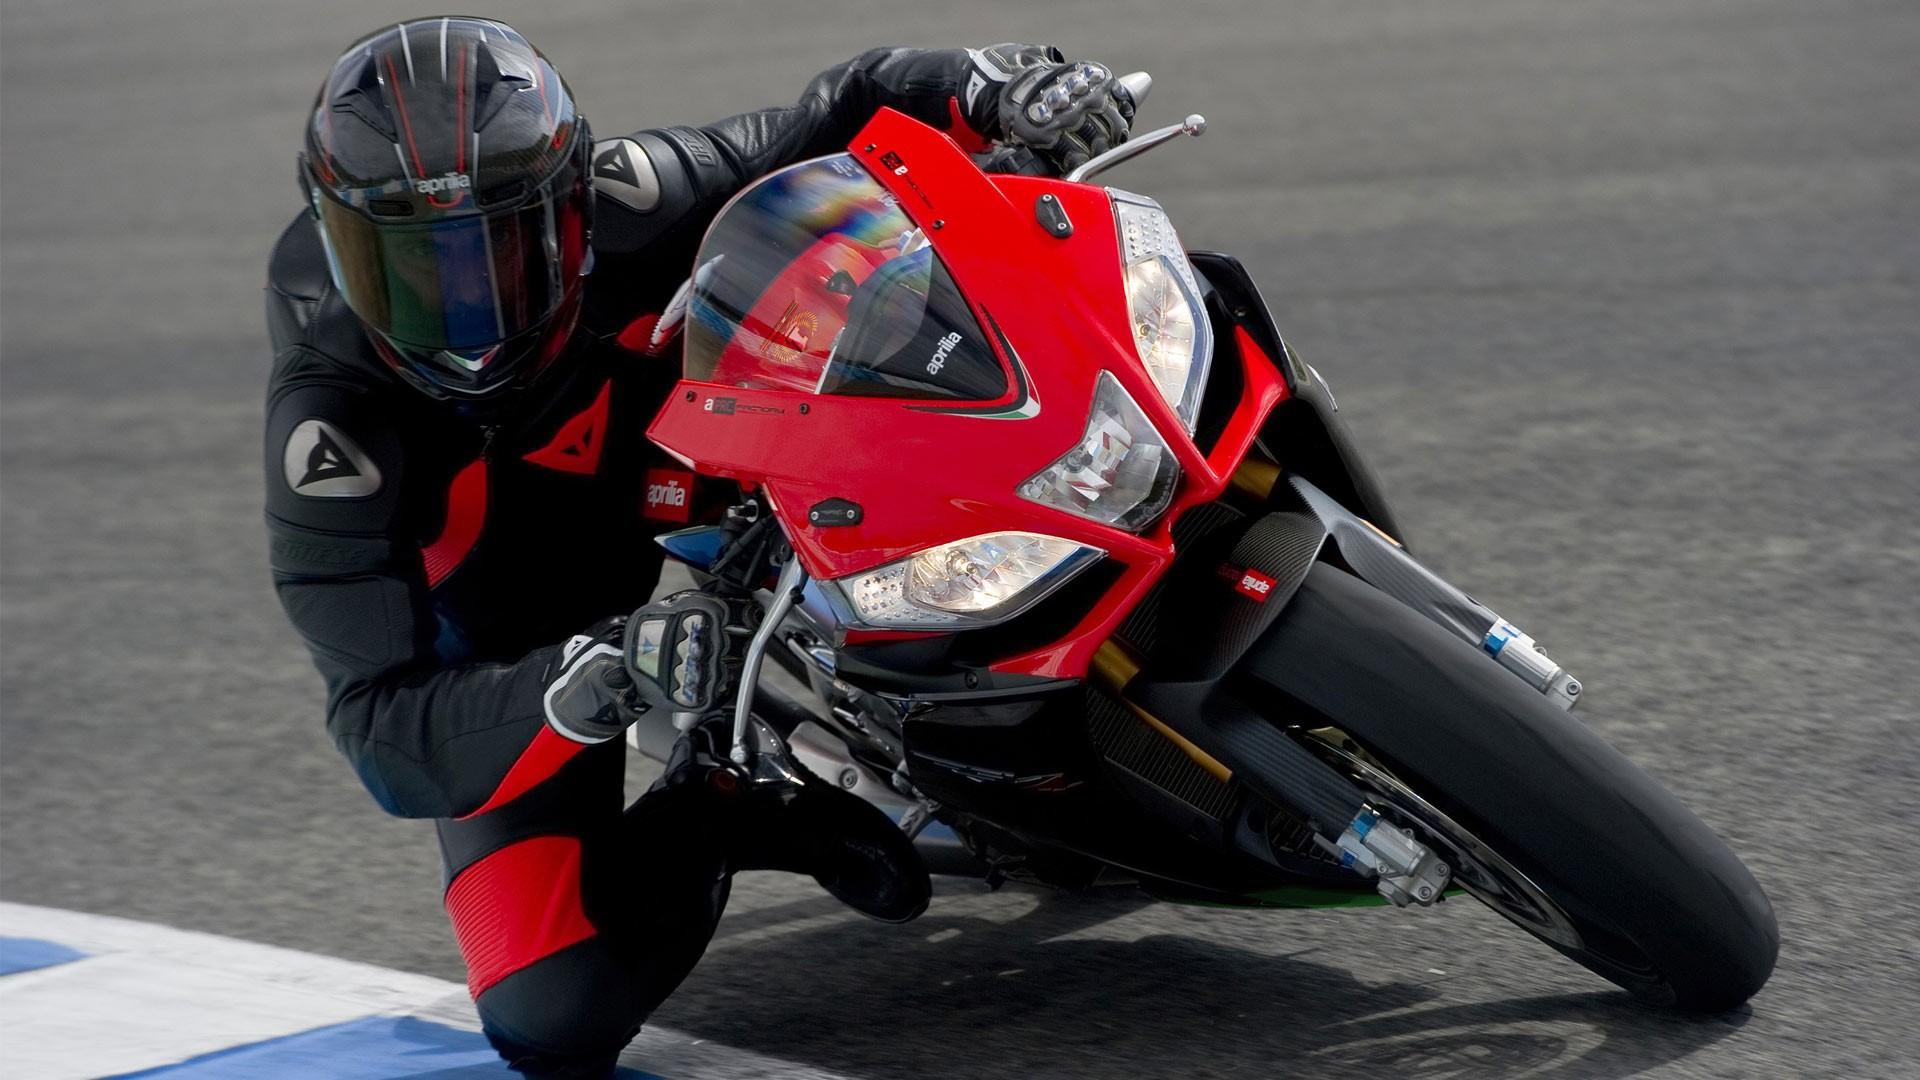 картинки спортивных мотоциклов с пацанами чем ценник